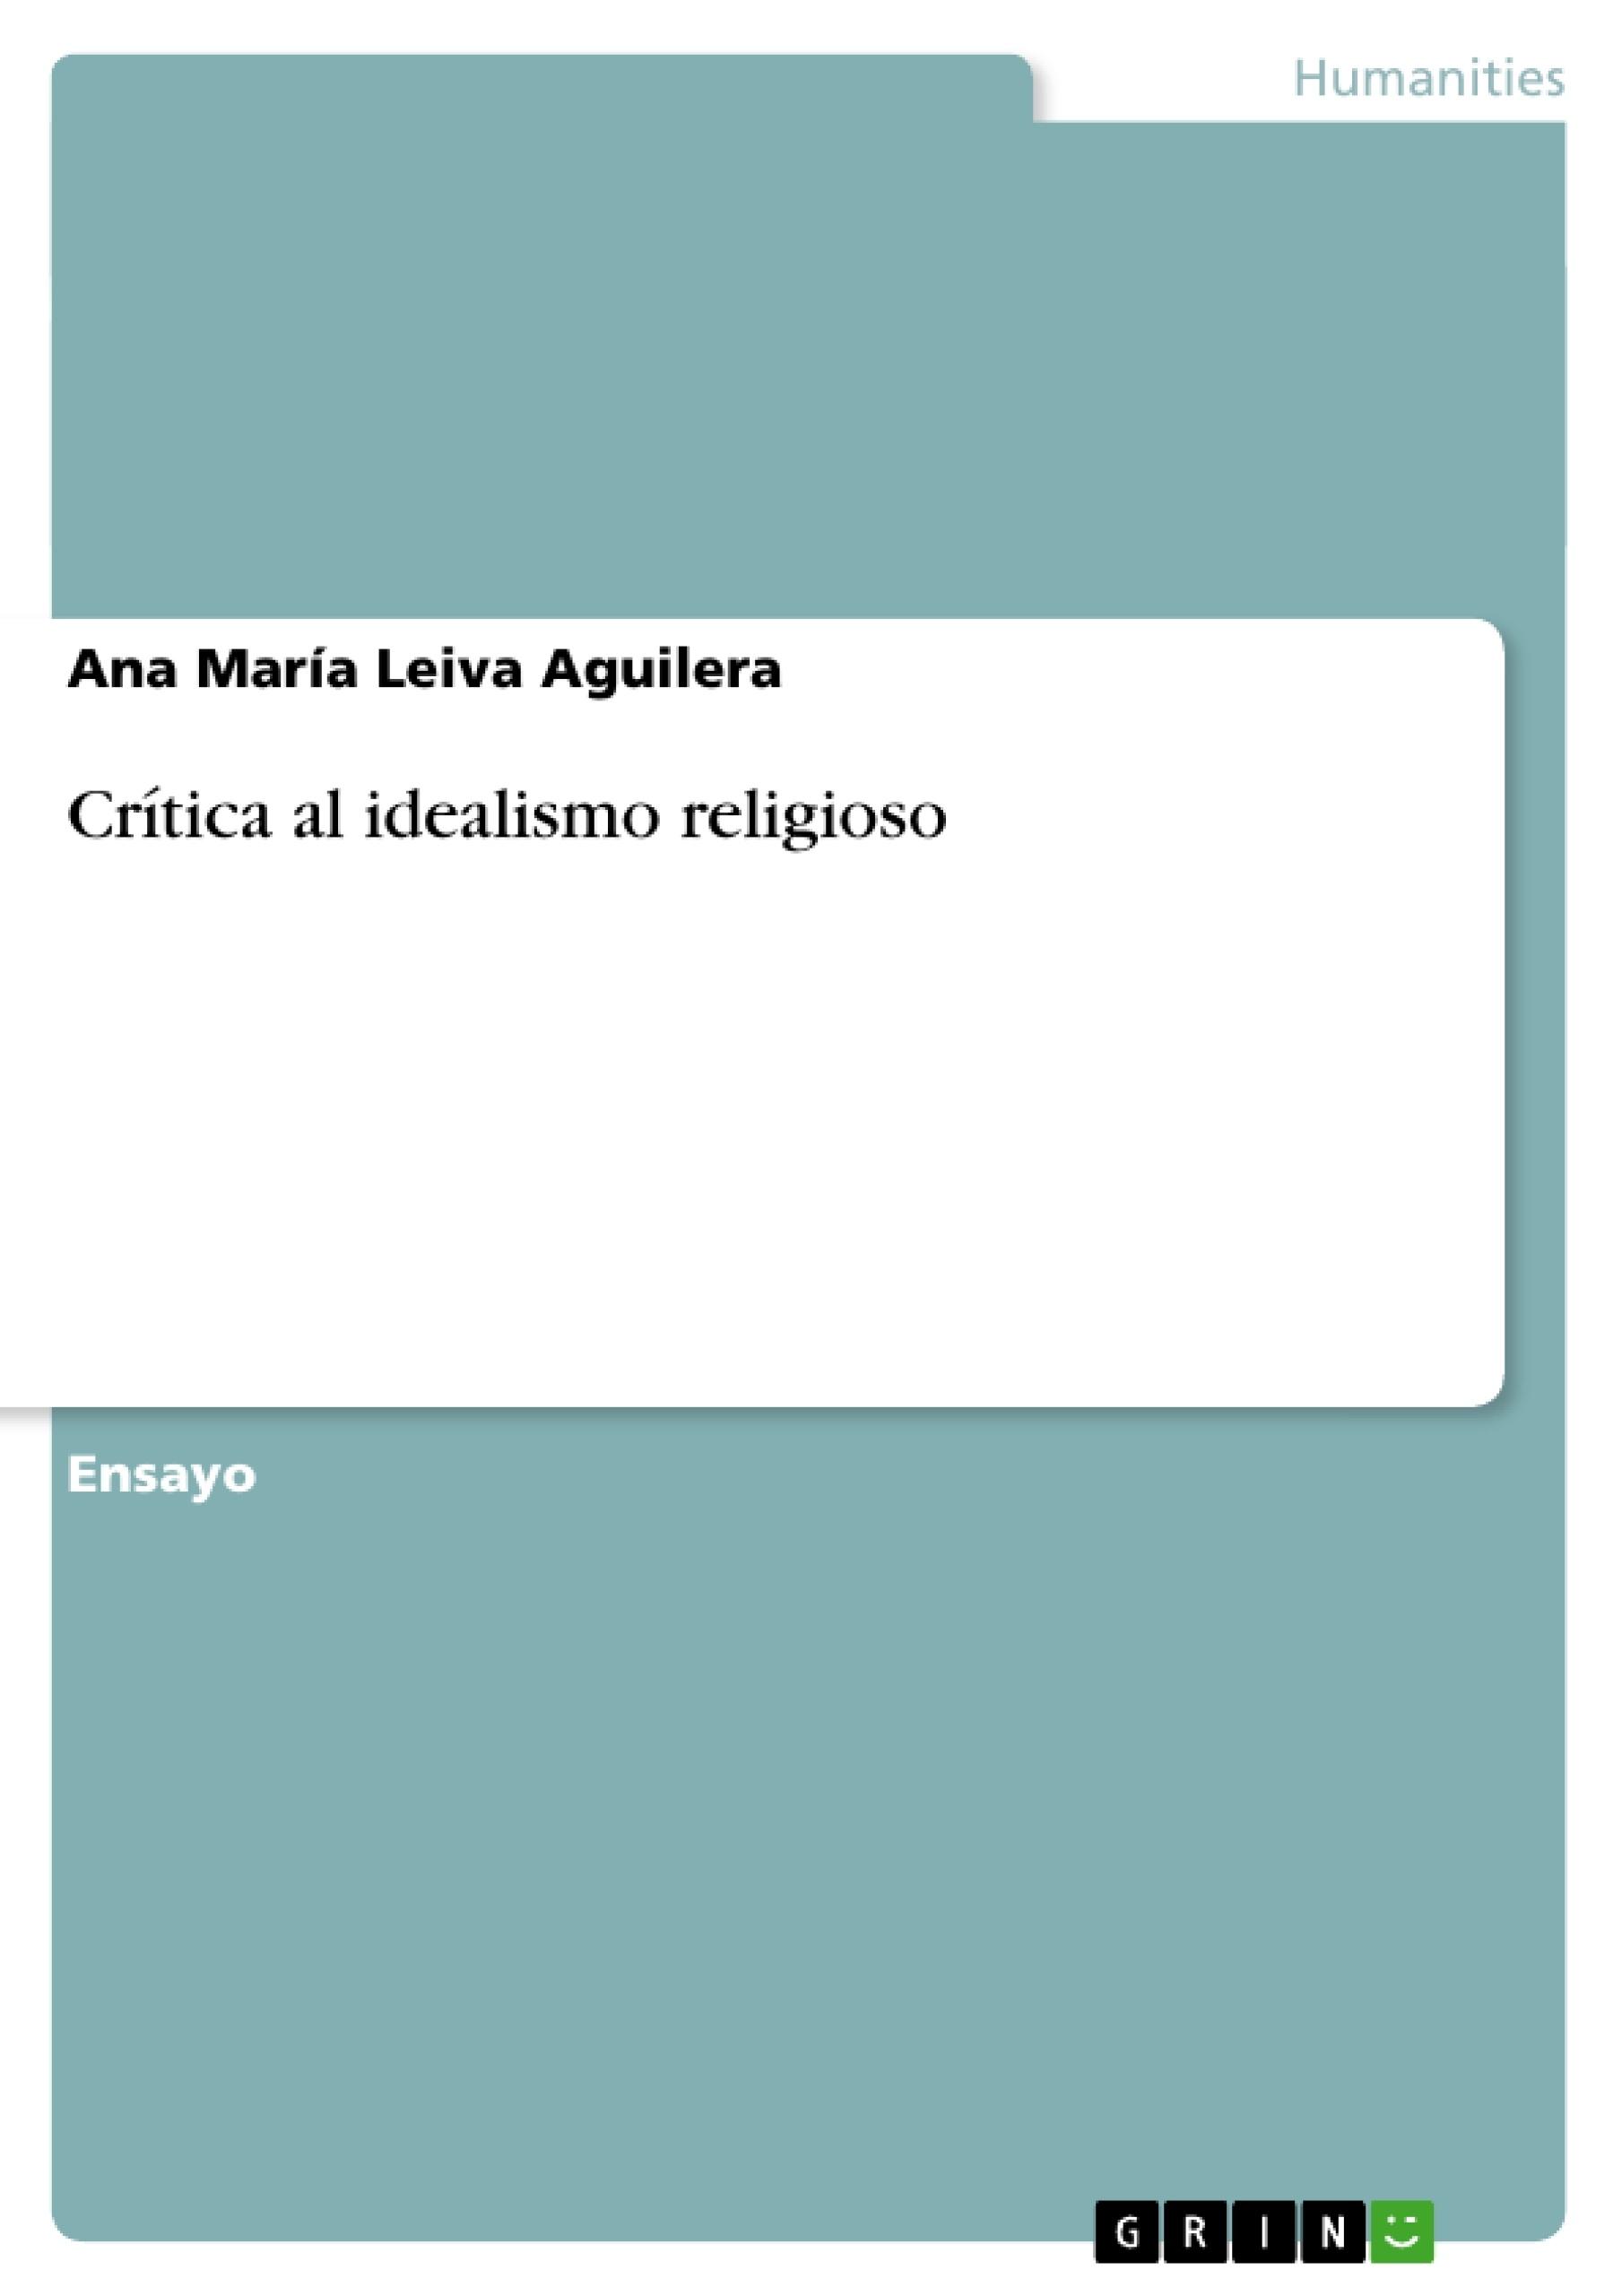 Título: Crítica al idealismo religioso